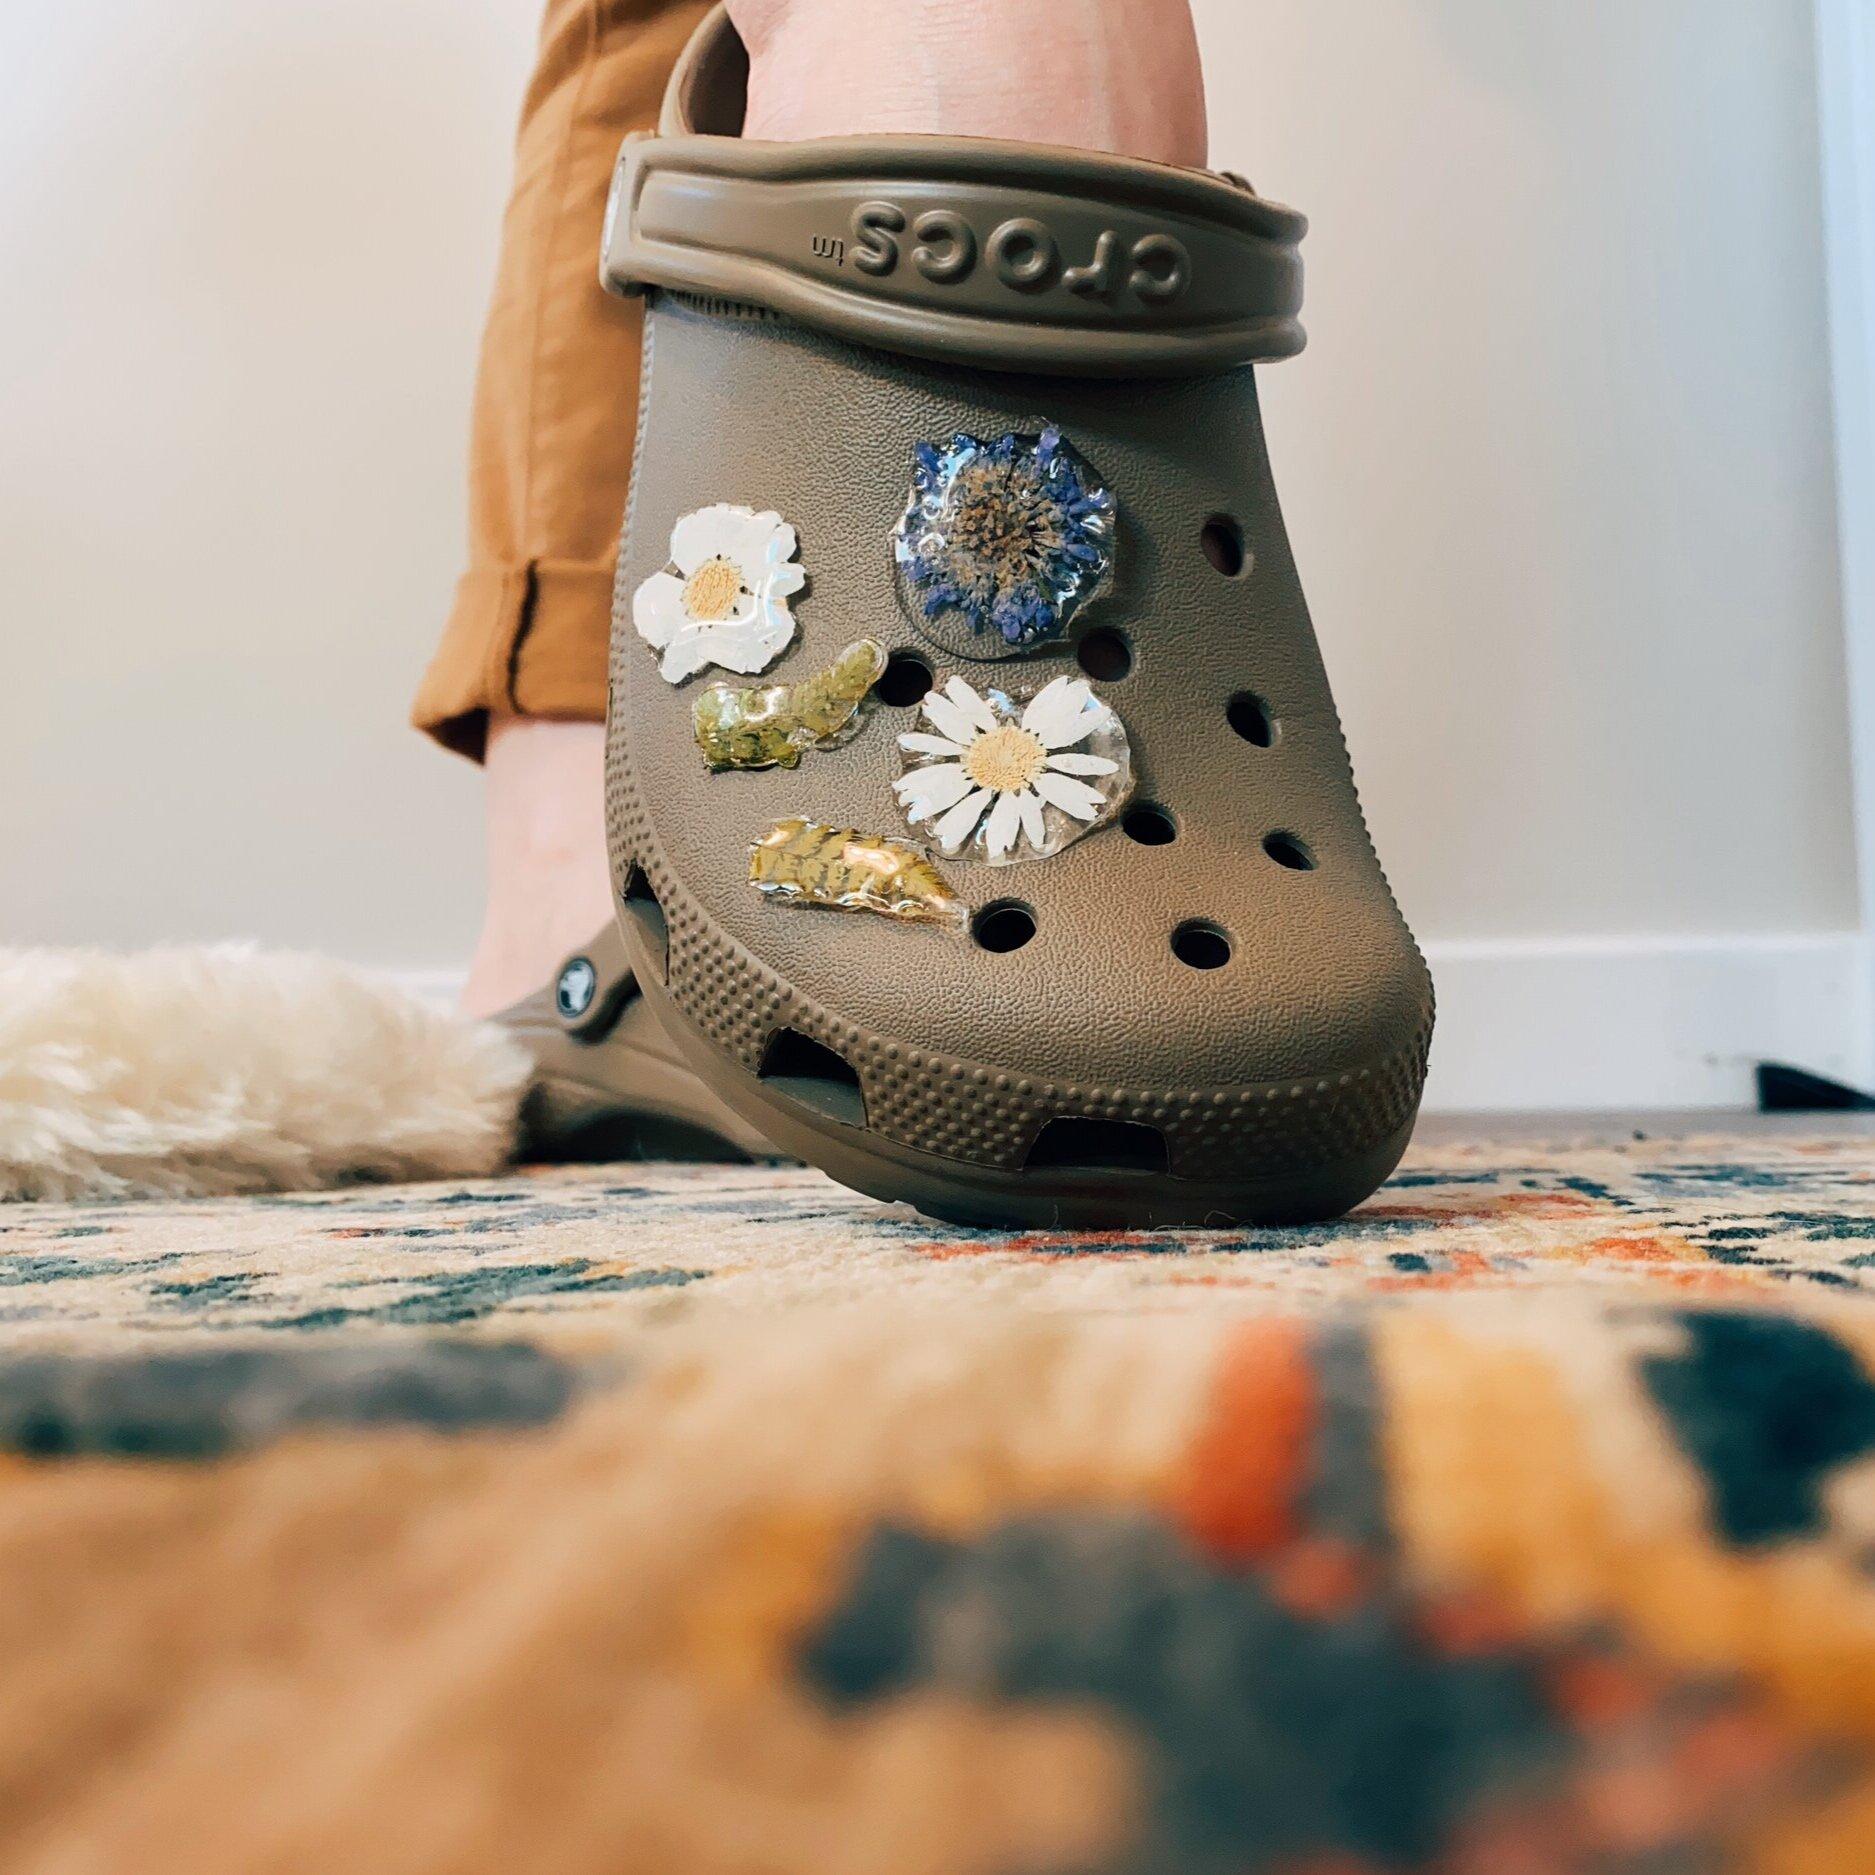 AKA croc charm